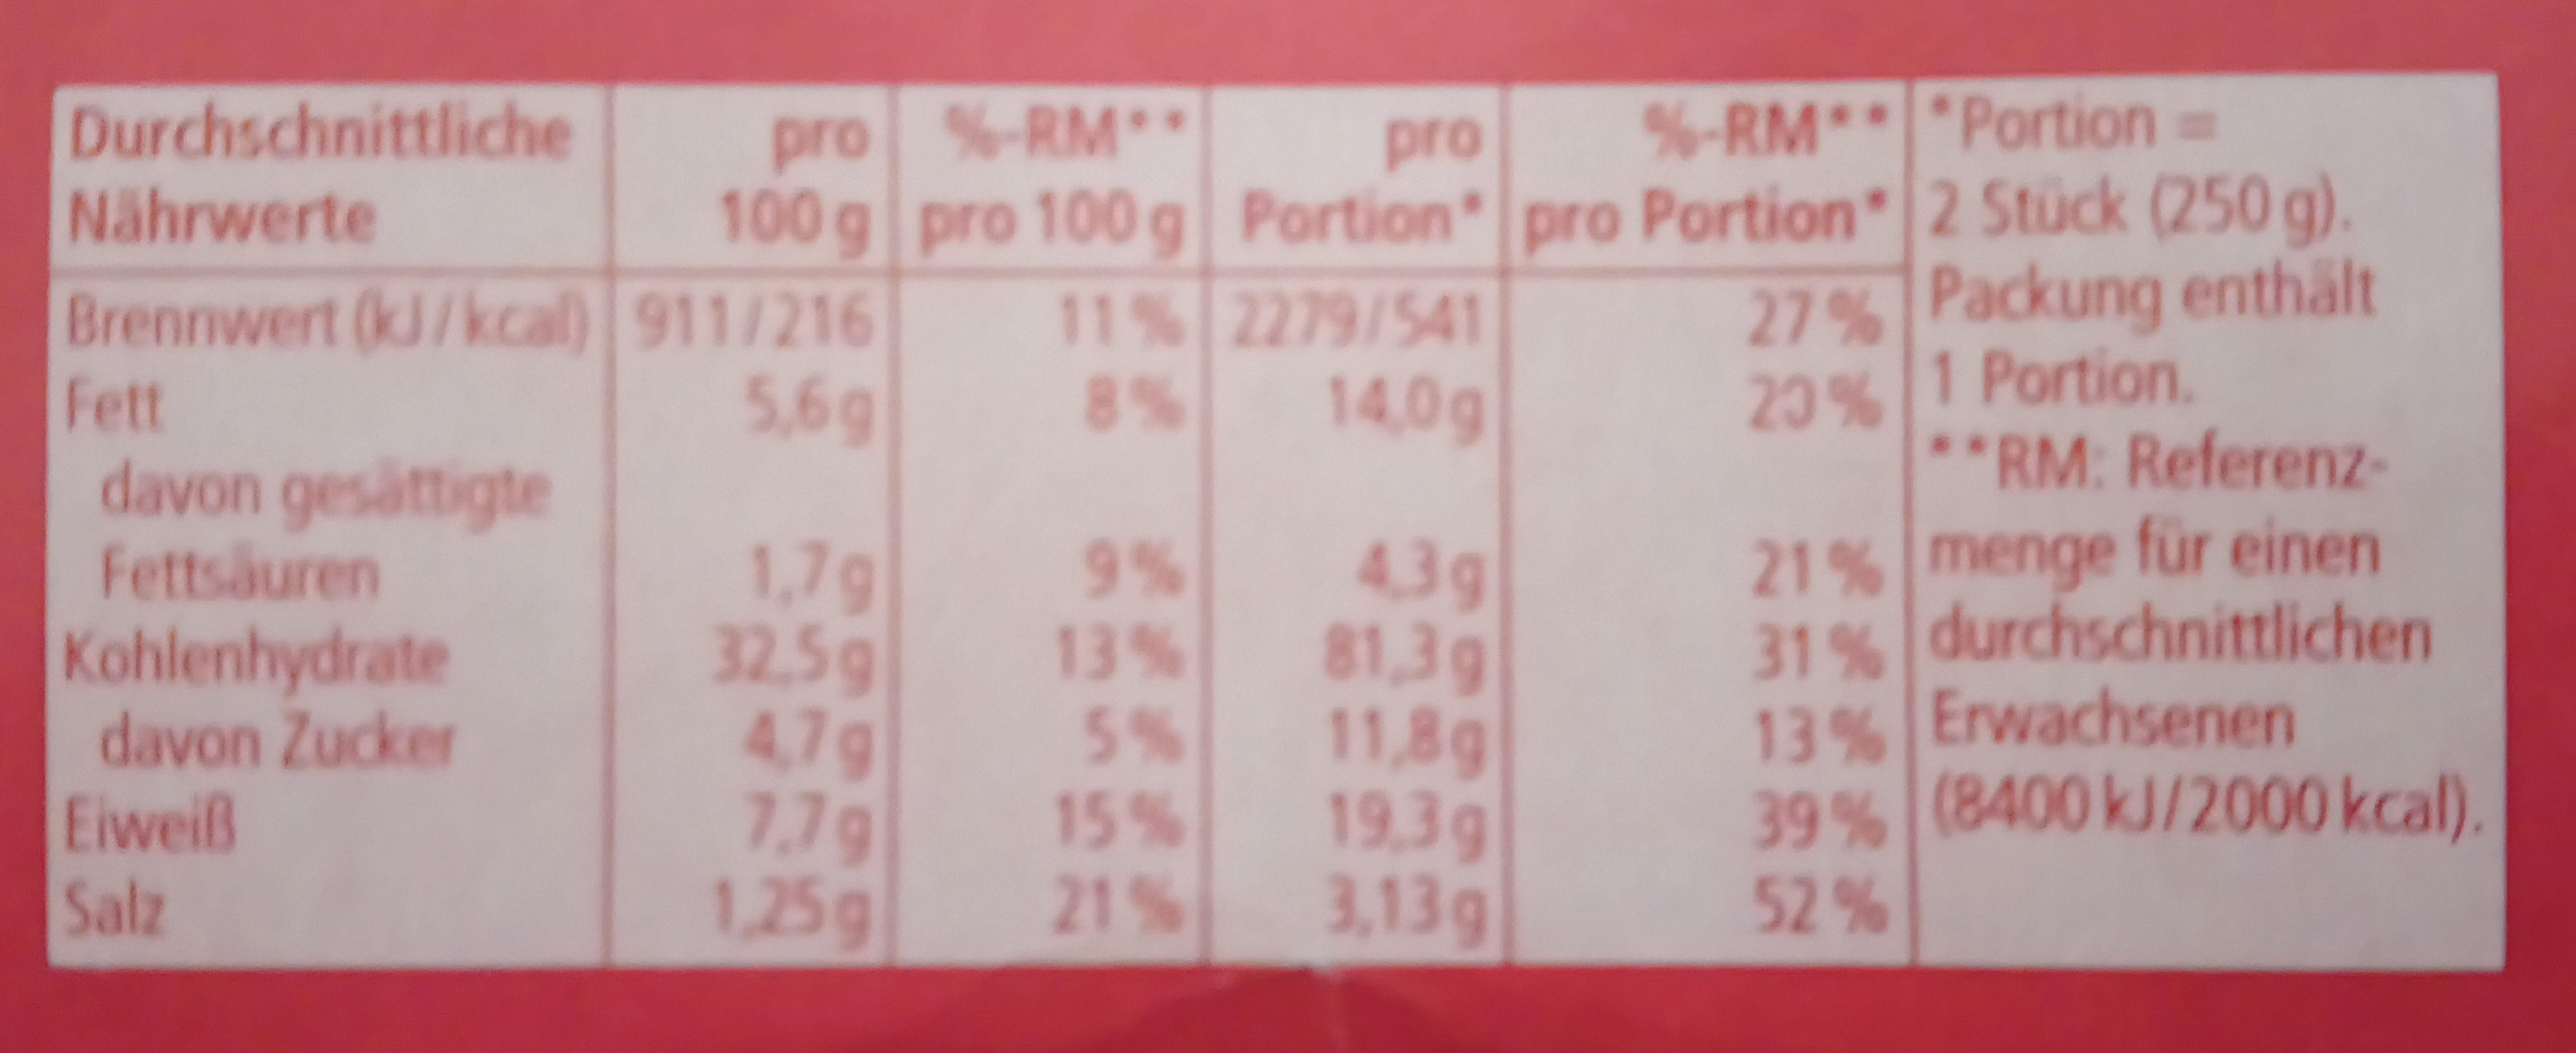 Baguette Tomate-Mozzarella - Nutrition facts